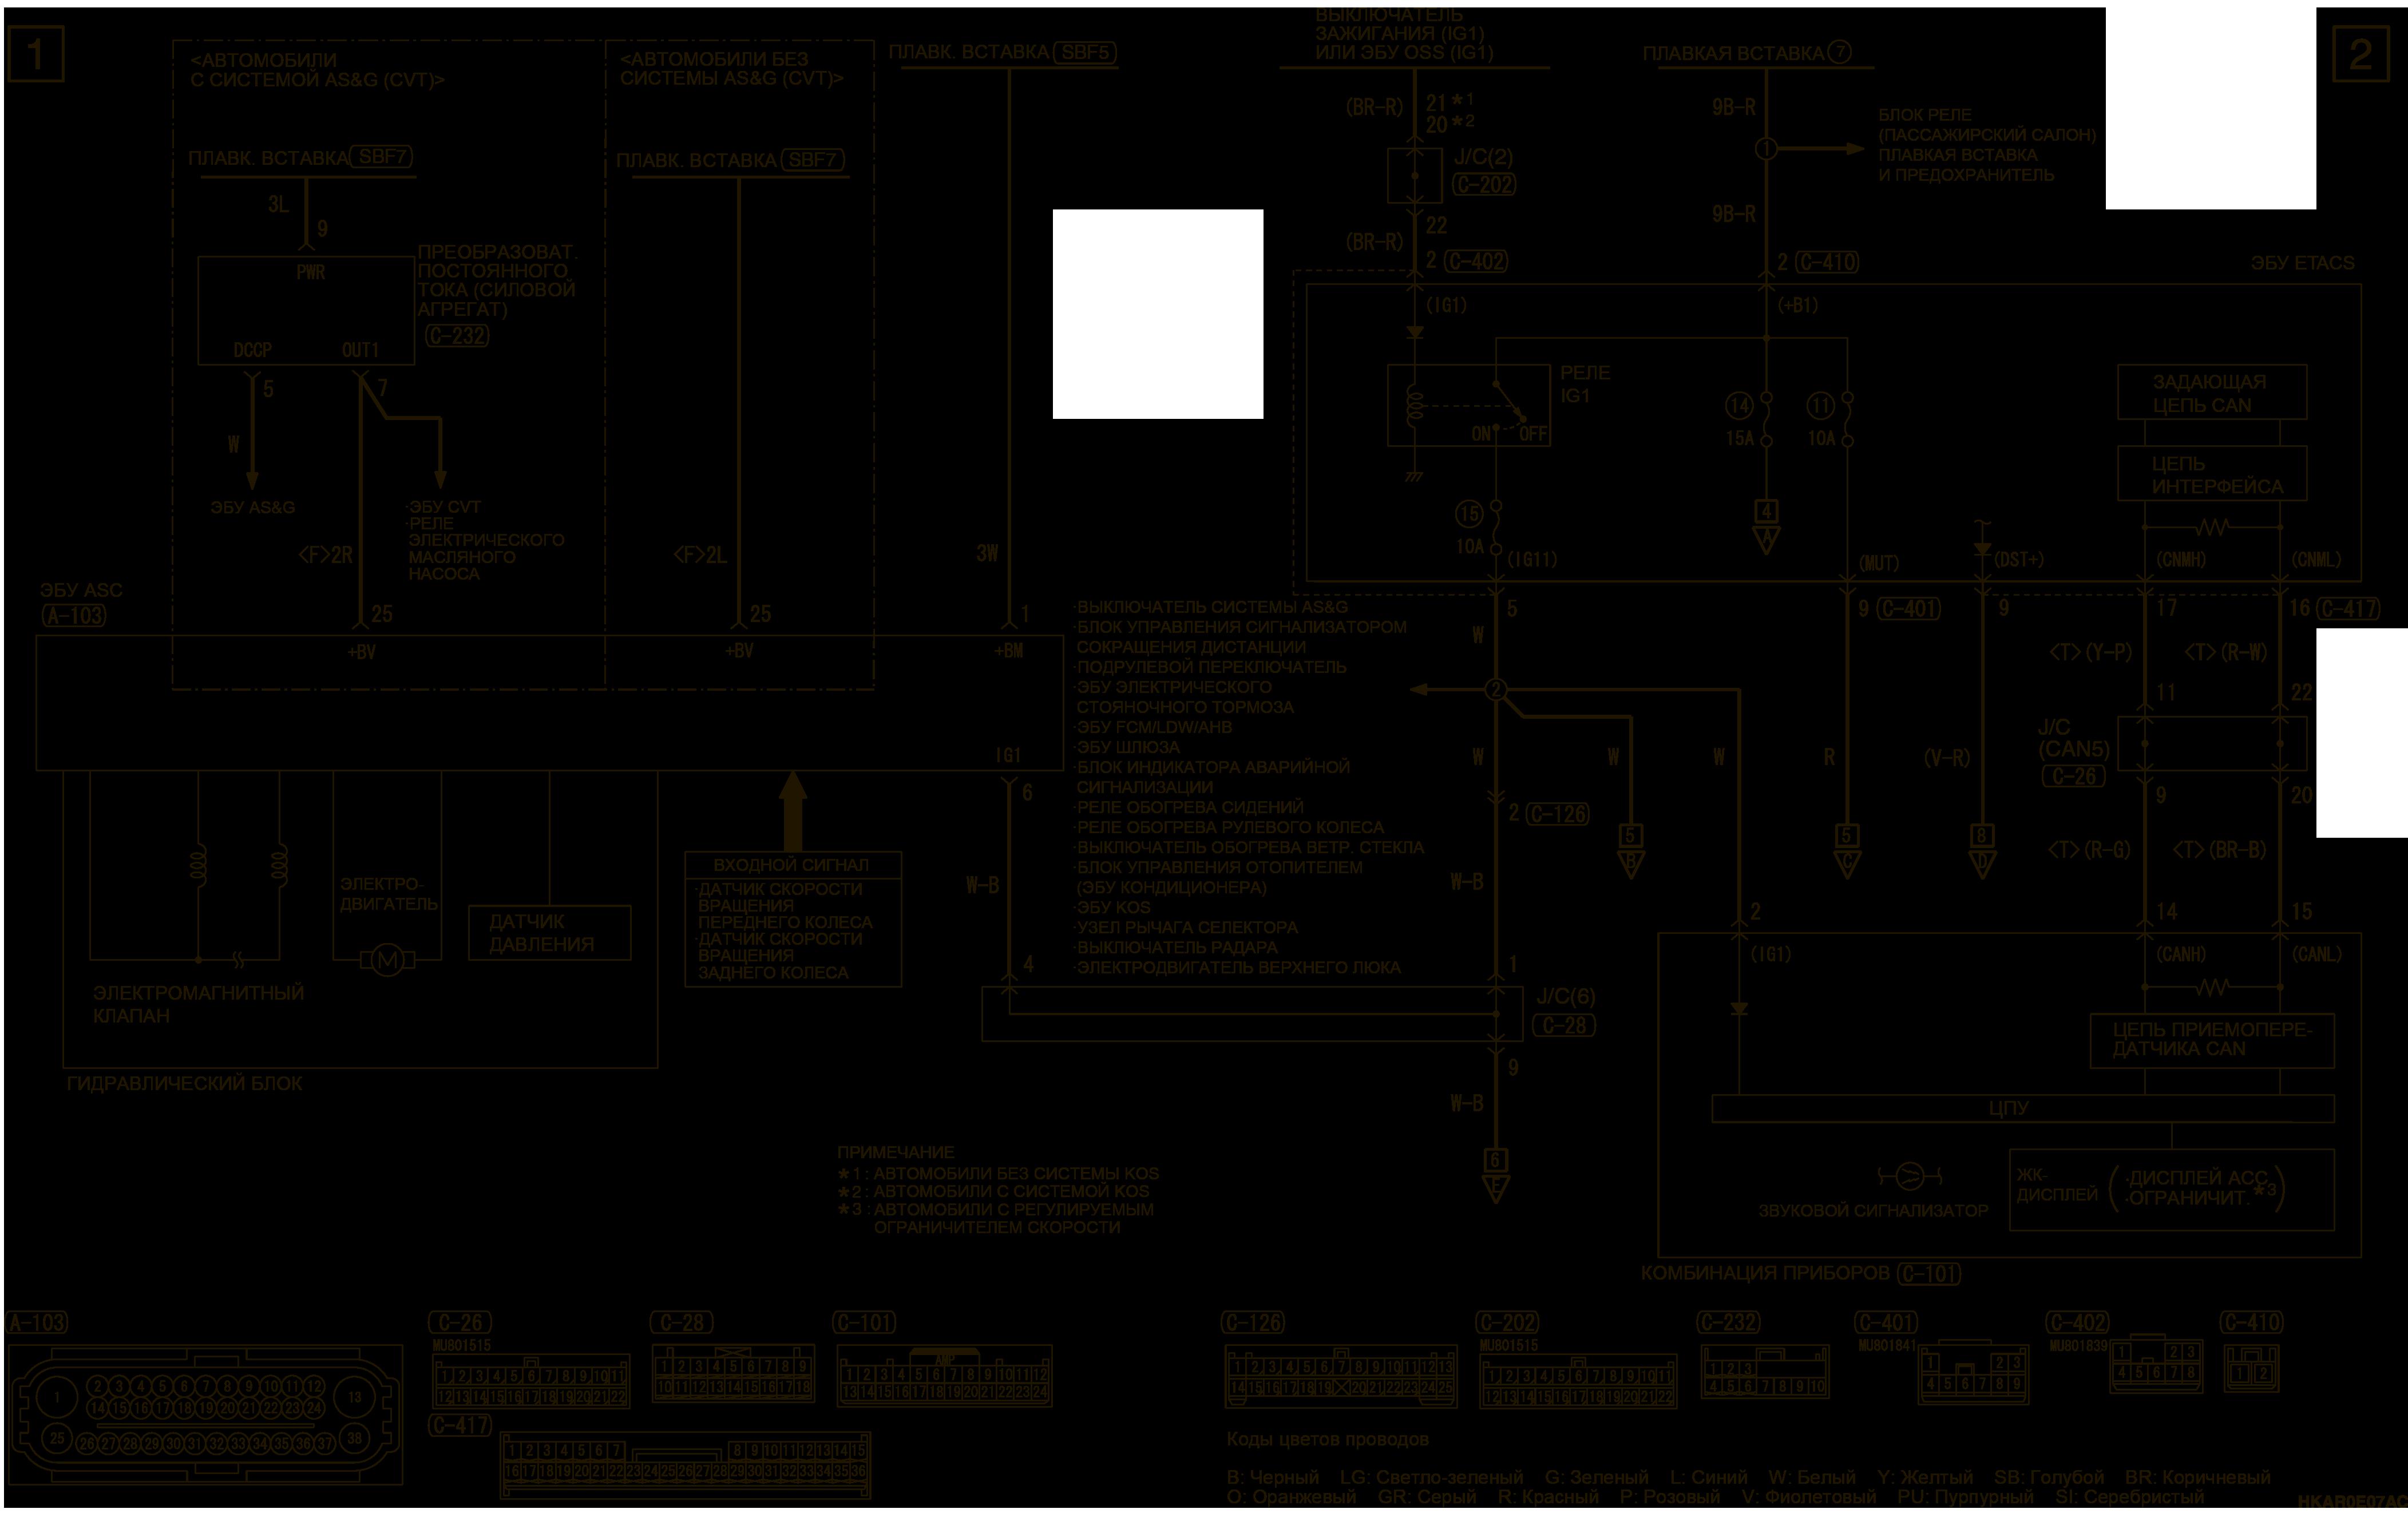 mmc аутлендер 3 2019 электросхемаСИСТЕМА АДАПТИВНОГО КРУИЗ-КОНТРОЛЯ (ACC) ЛЕВОСТОРОННЕЕ УПРАВЛЕНИЕ